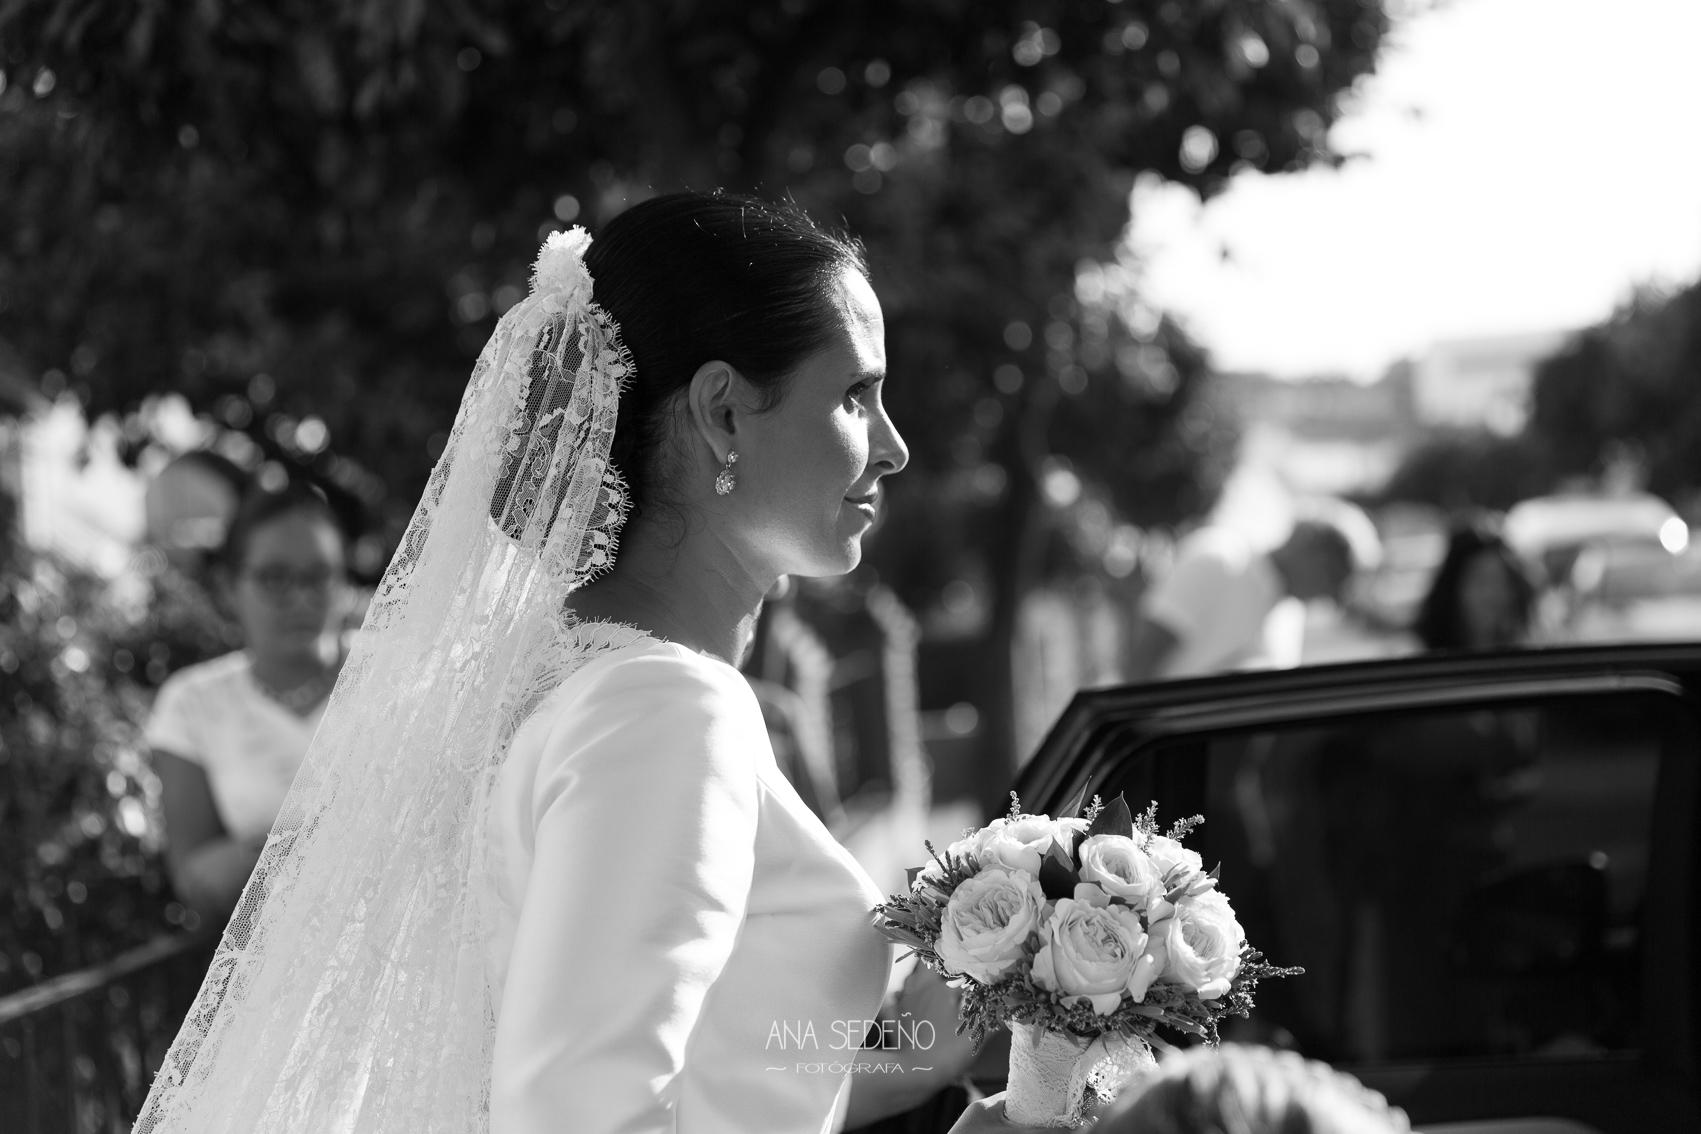 Ana Sedeño Fotografa.-BODA035